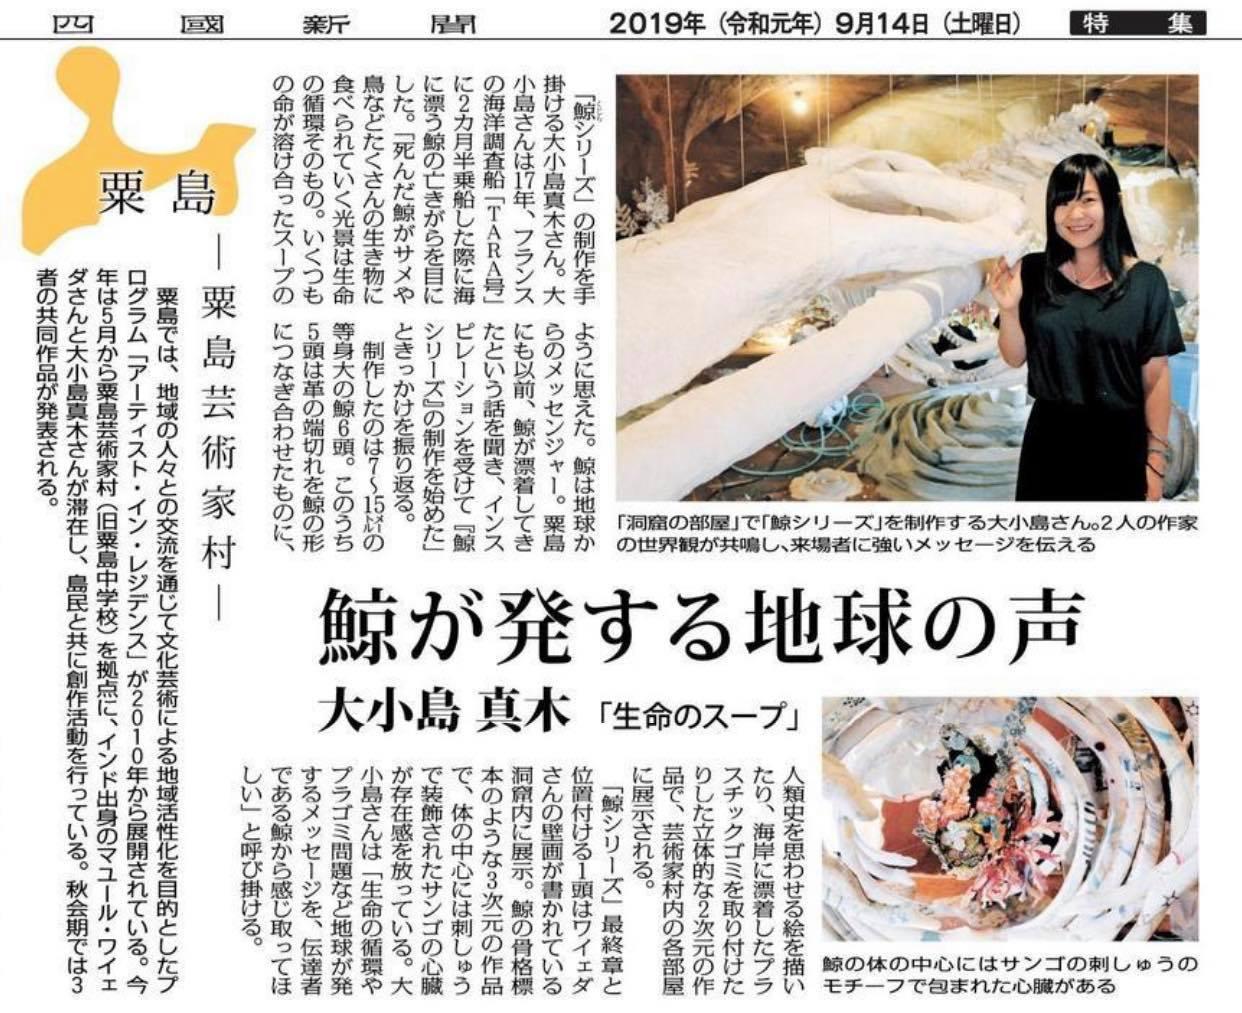 Sep14-四国新聞1.jpg